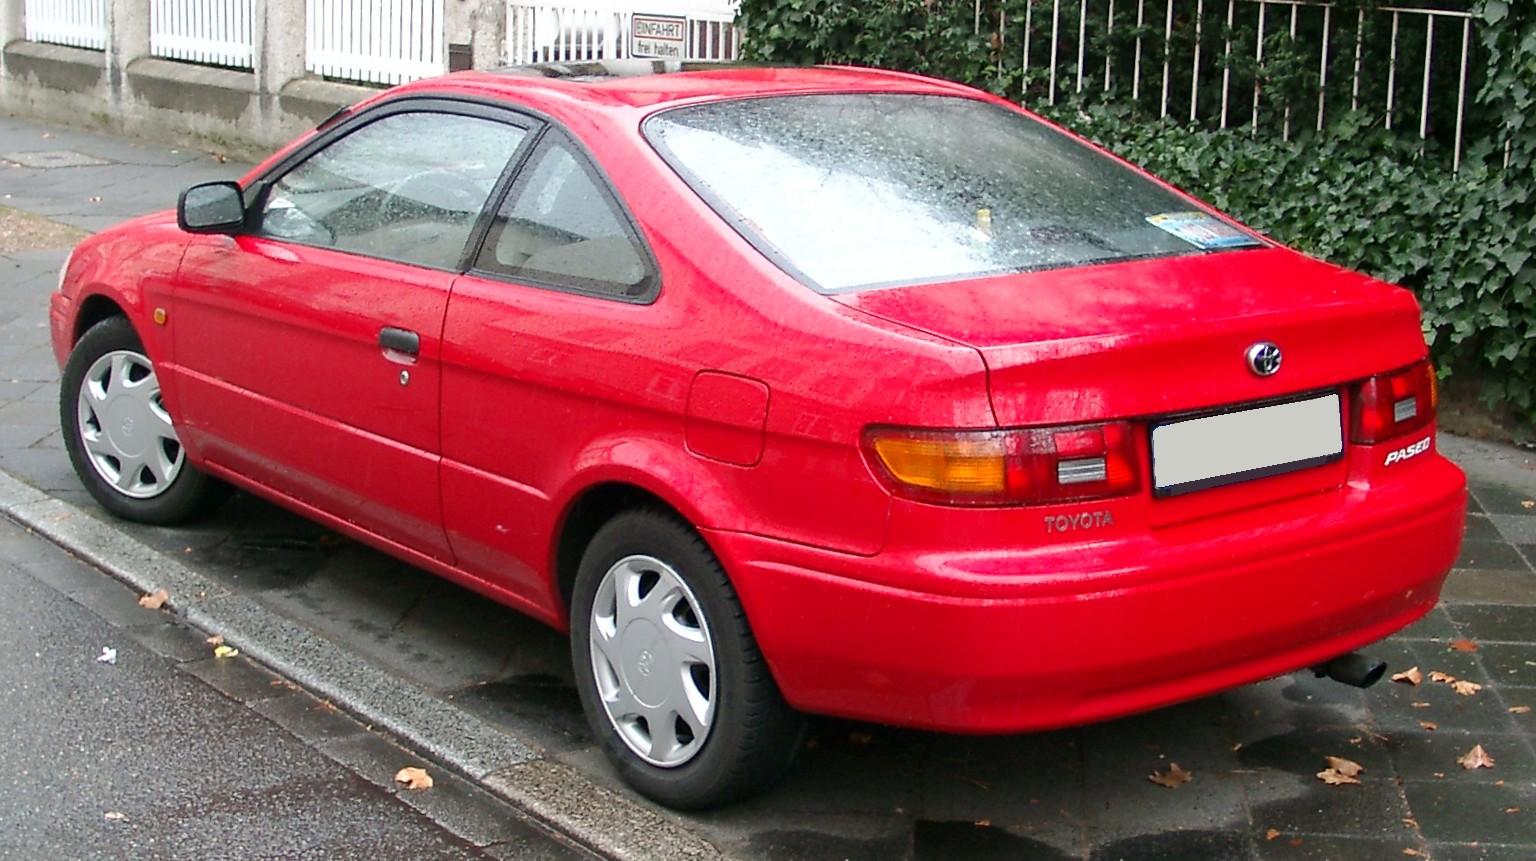 2代目トヨタ サイノス リヤビュー ※写真はヨーロッパ仕様のパセオです。